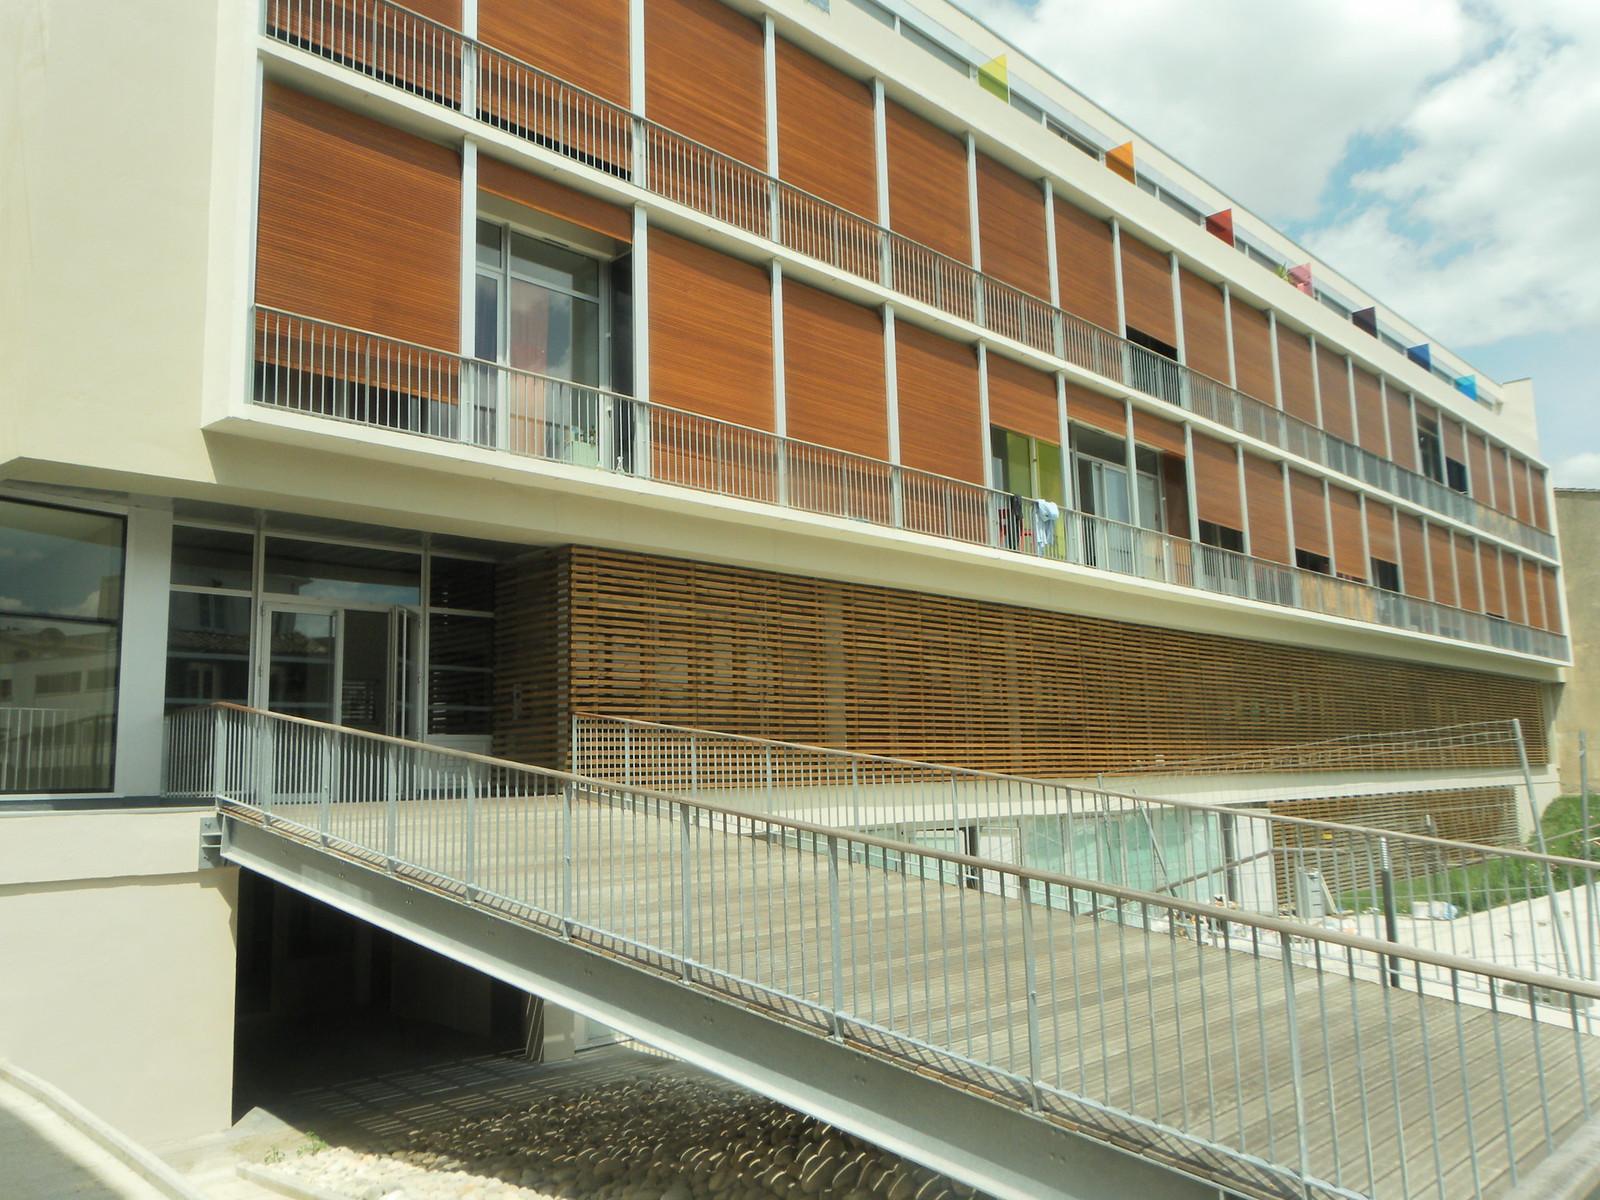 Résidence Universitaire Crous La Marne - Bordeaux - Extérieur